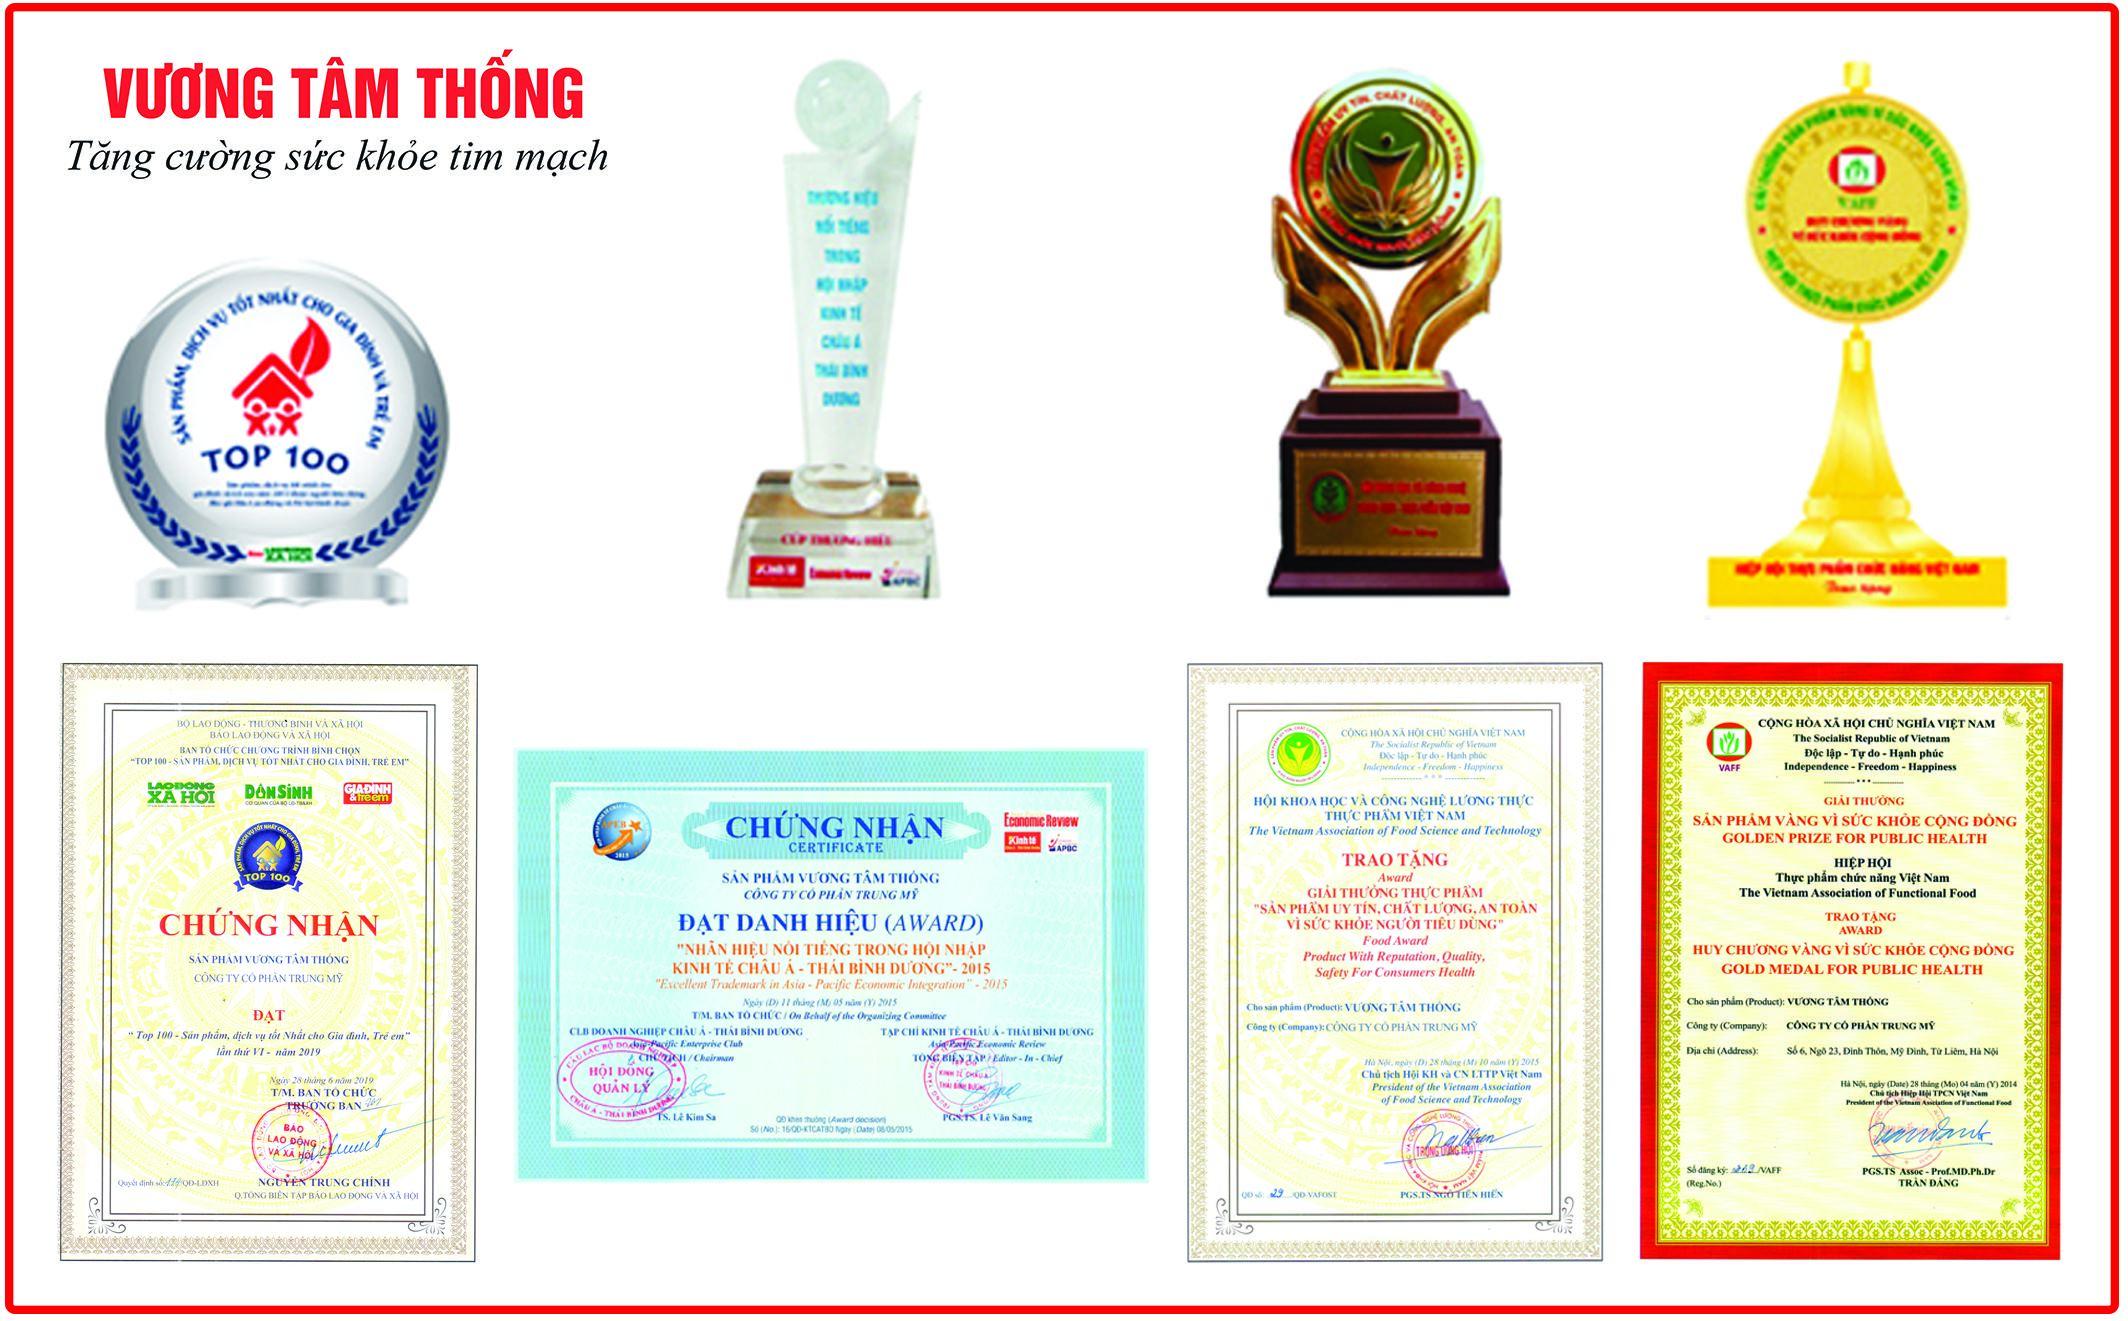 Những giải thưởng danh giá mà thực phẩm bảo vệ sức khỏe Vương Tâm Thống đạt được